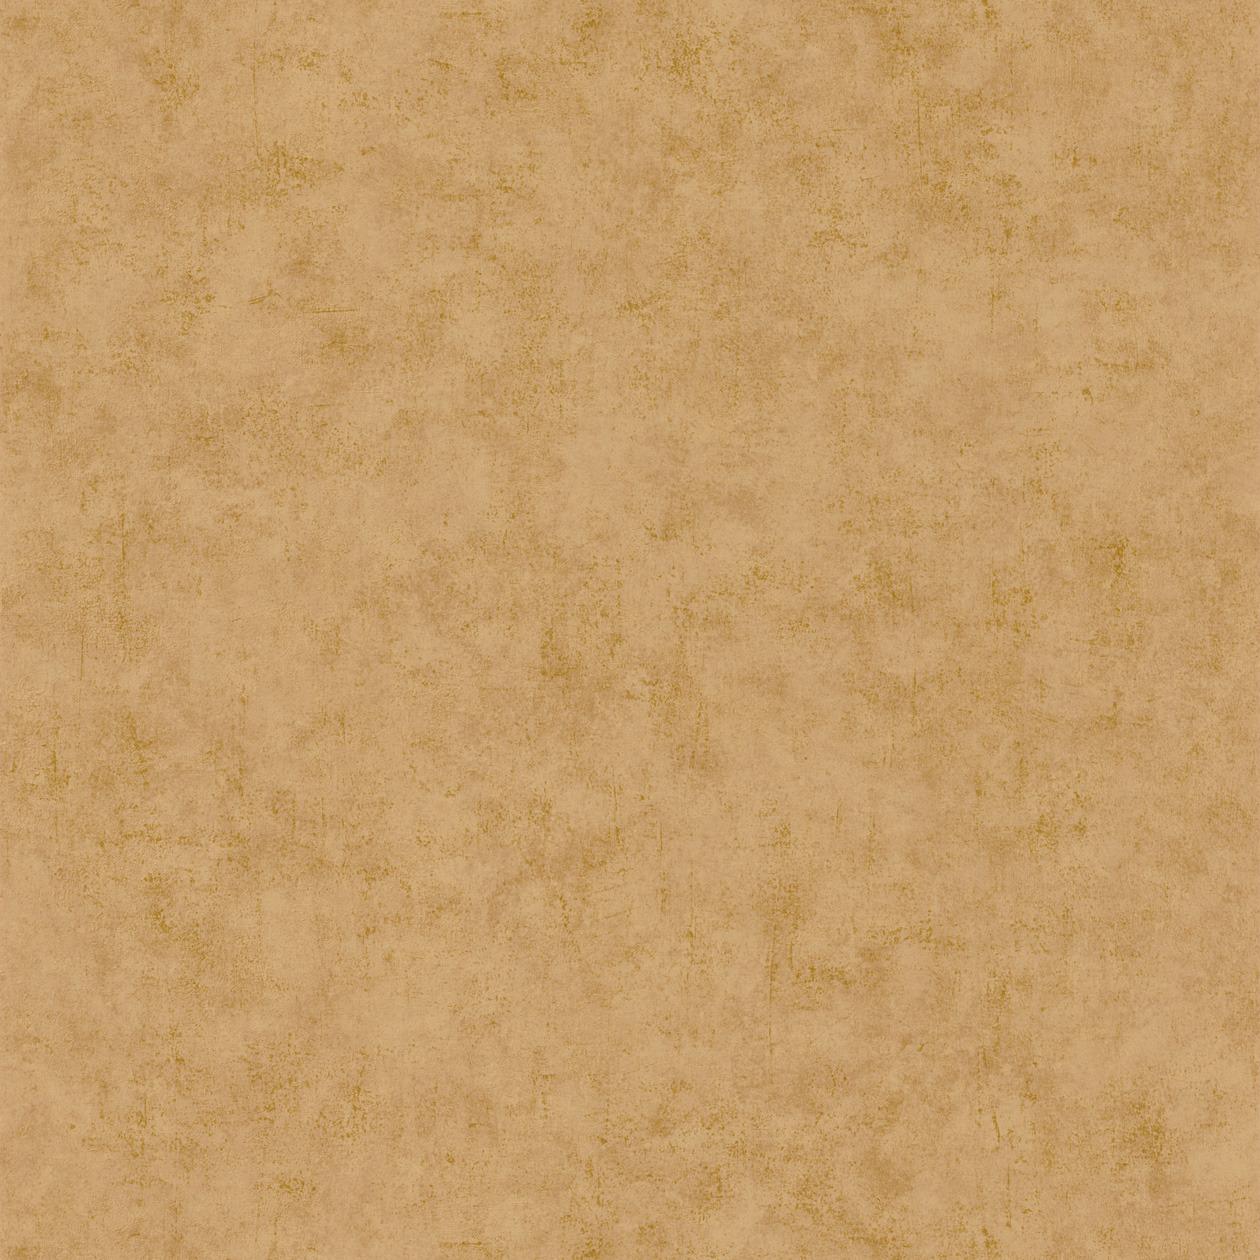 Обои Caselio Beton 0,53 см. 101482150